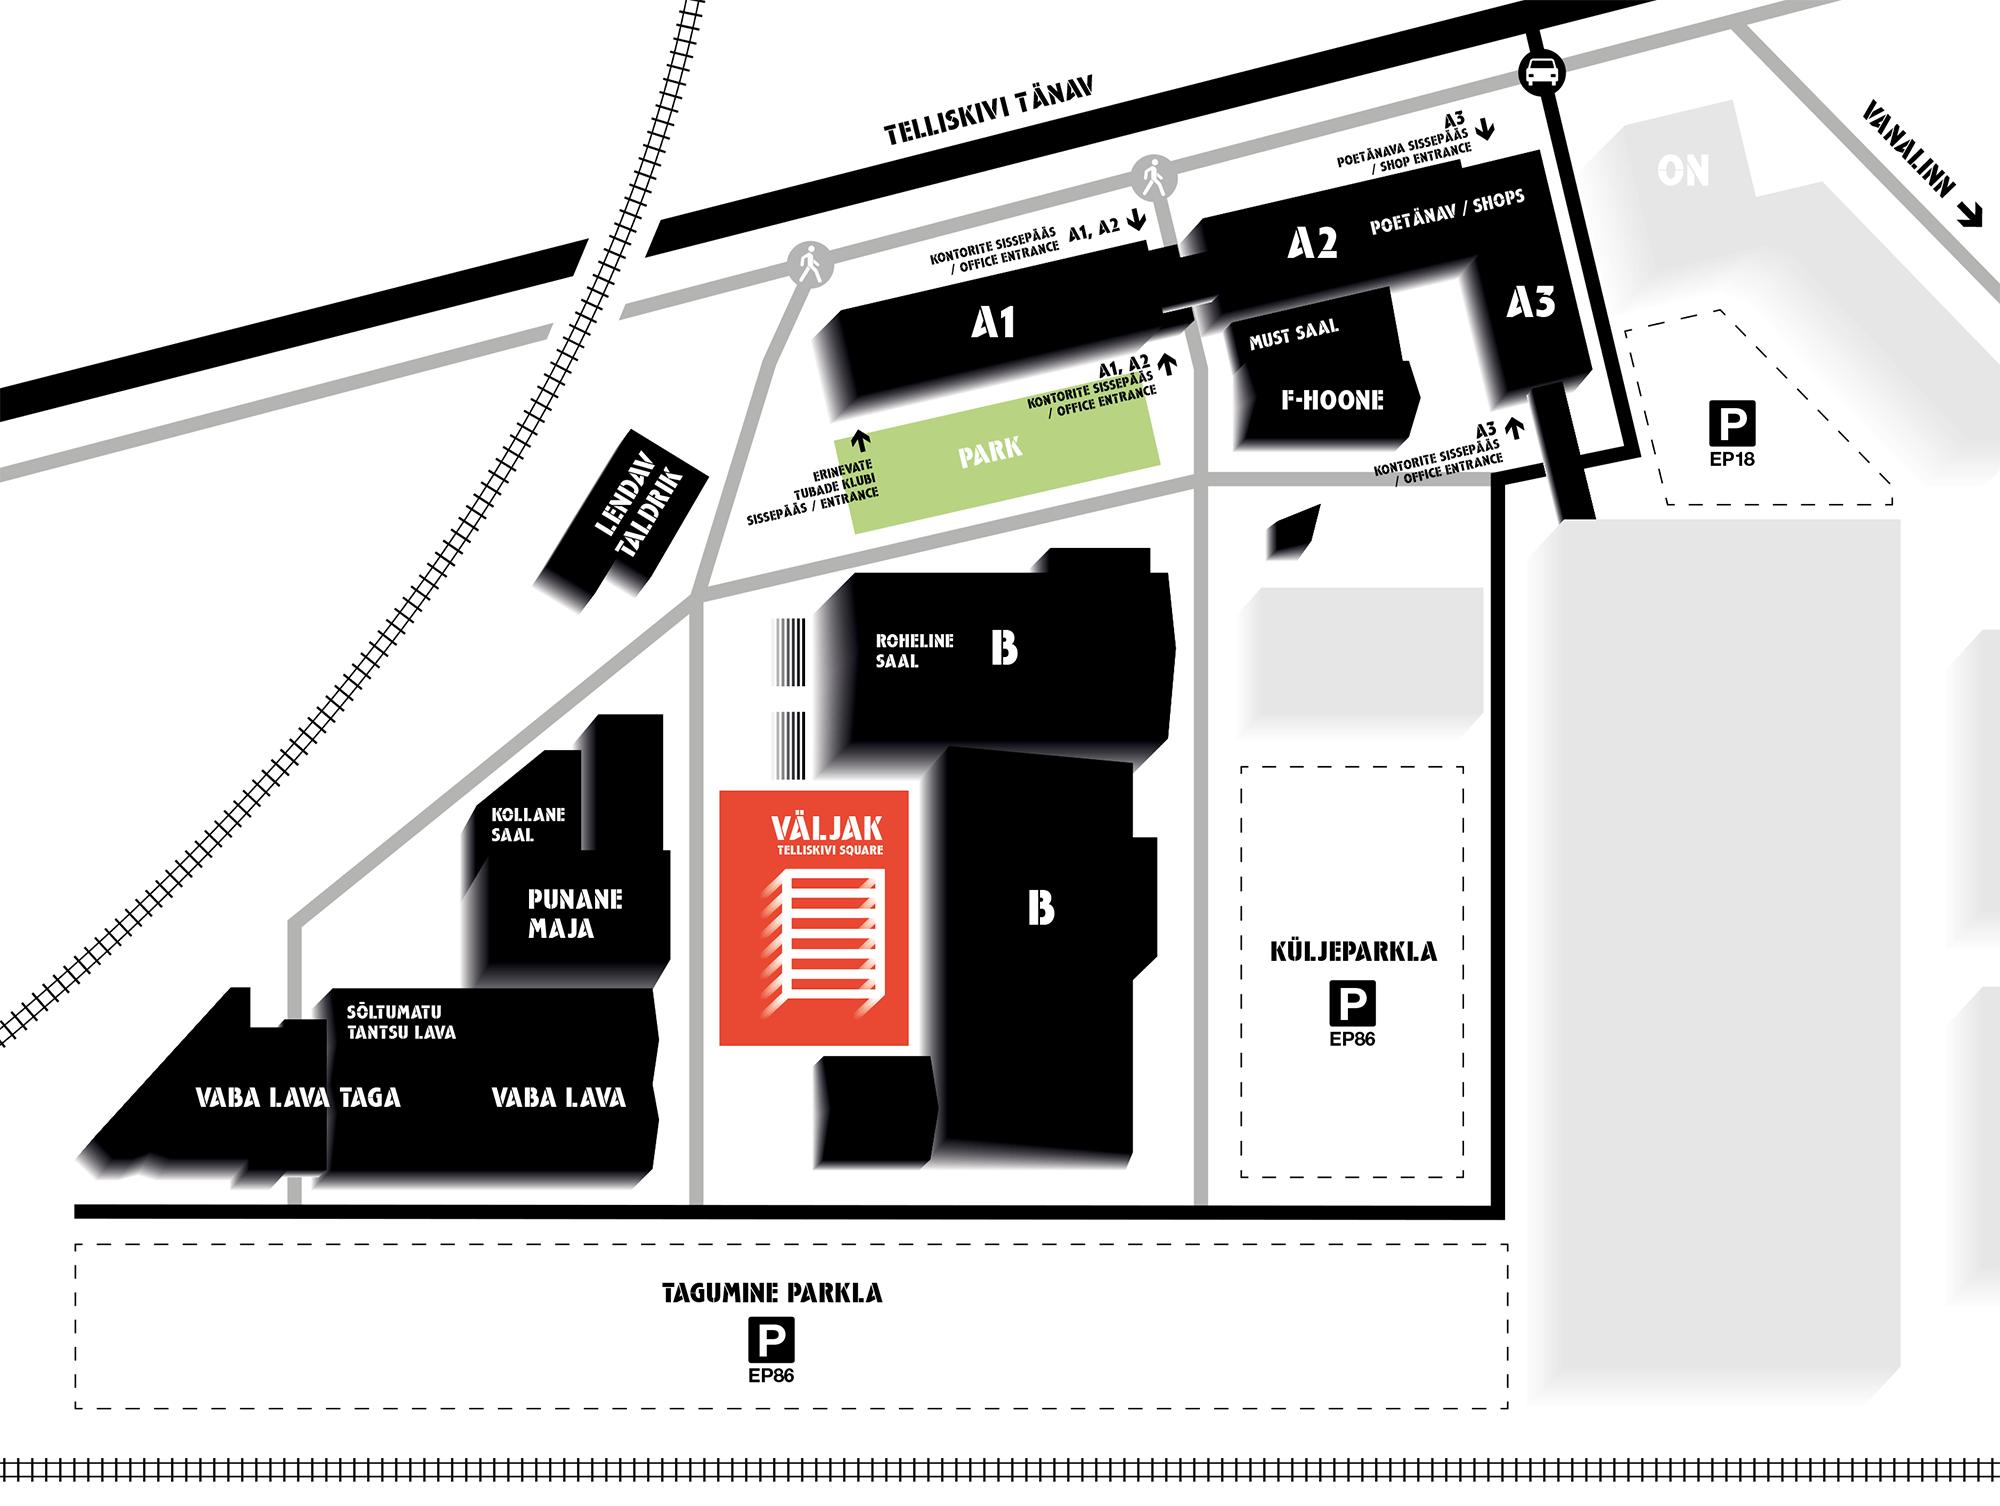 ala kaart